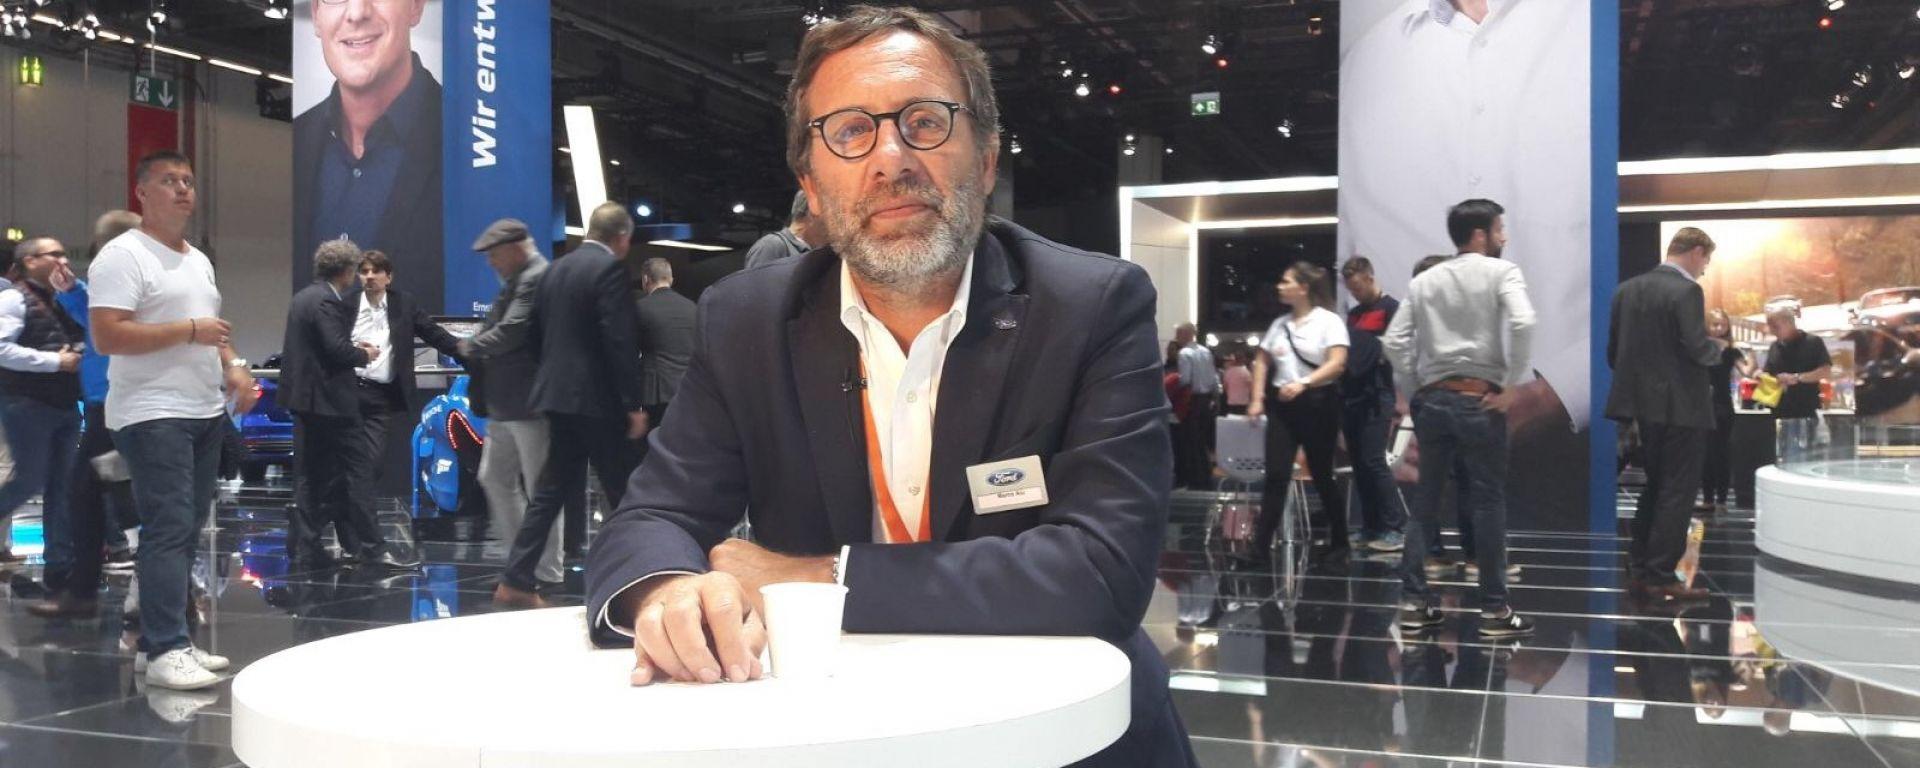 Le novità Ford raccontate da Marco Alù Saffi, Direttore Relazioni Esterne Ford Italia